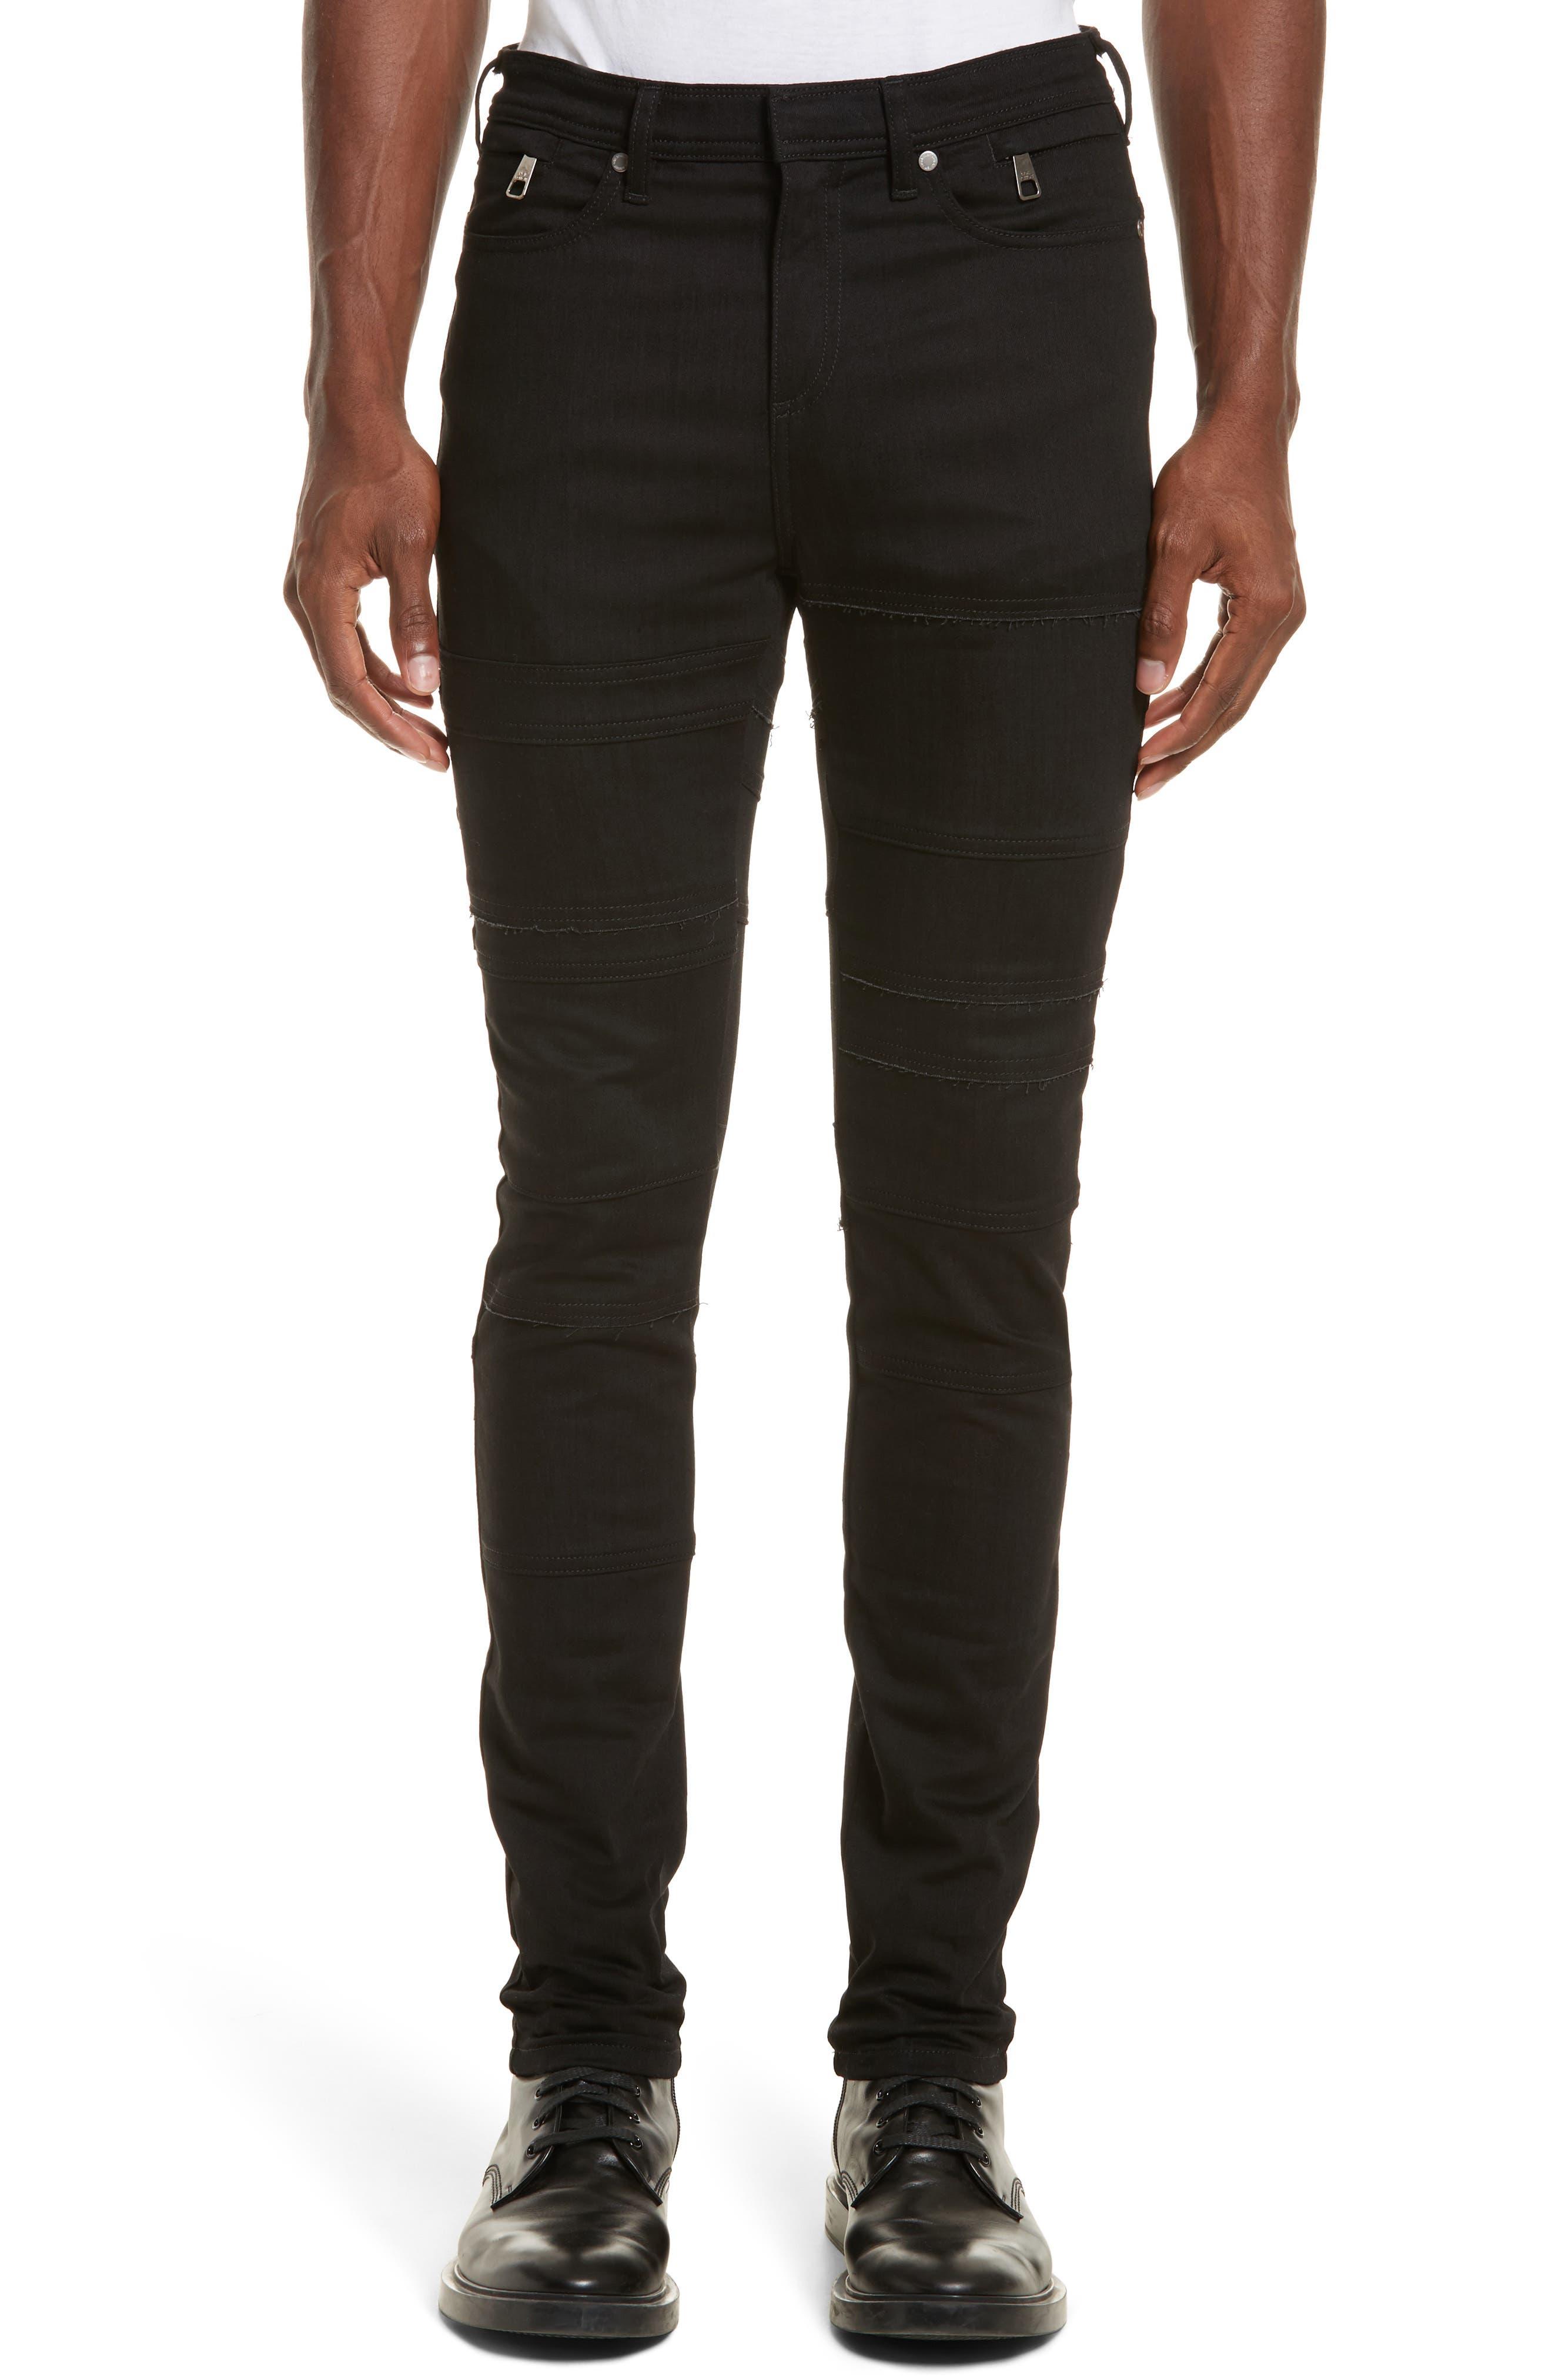 Neil Barrett Raw Edge Skinny Biker Jeans (Old Black)